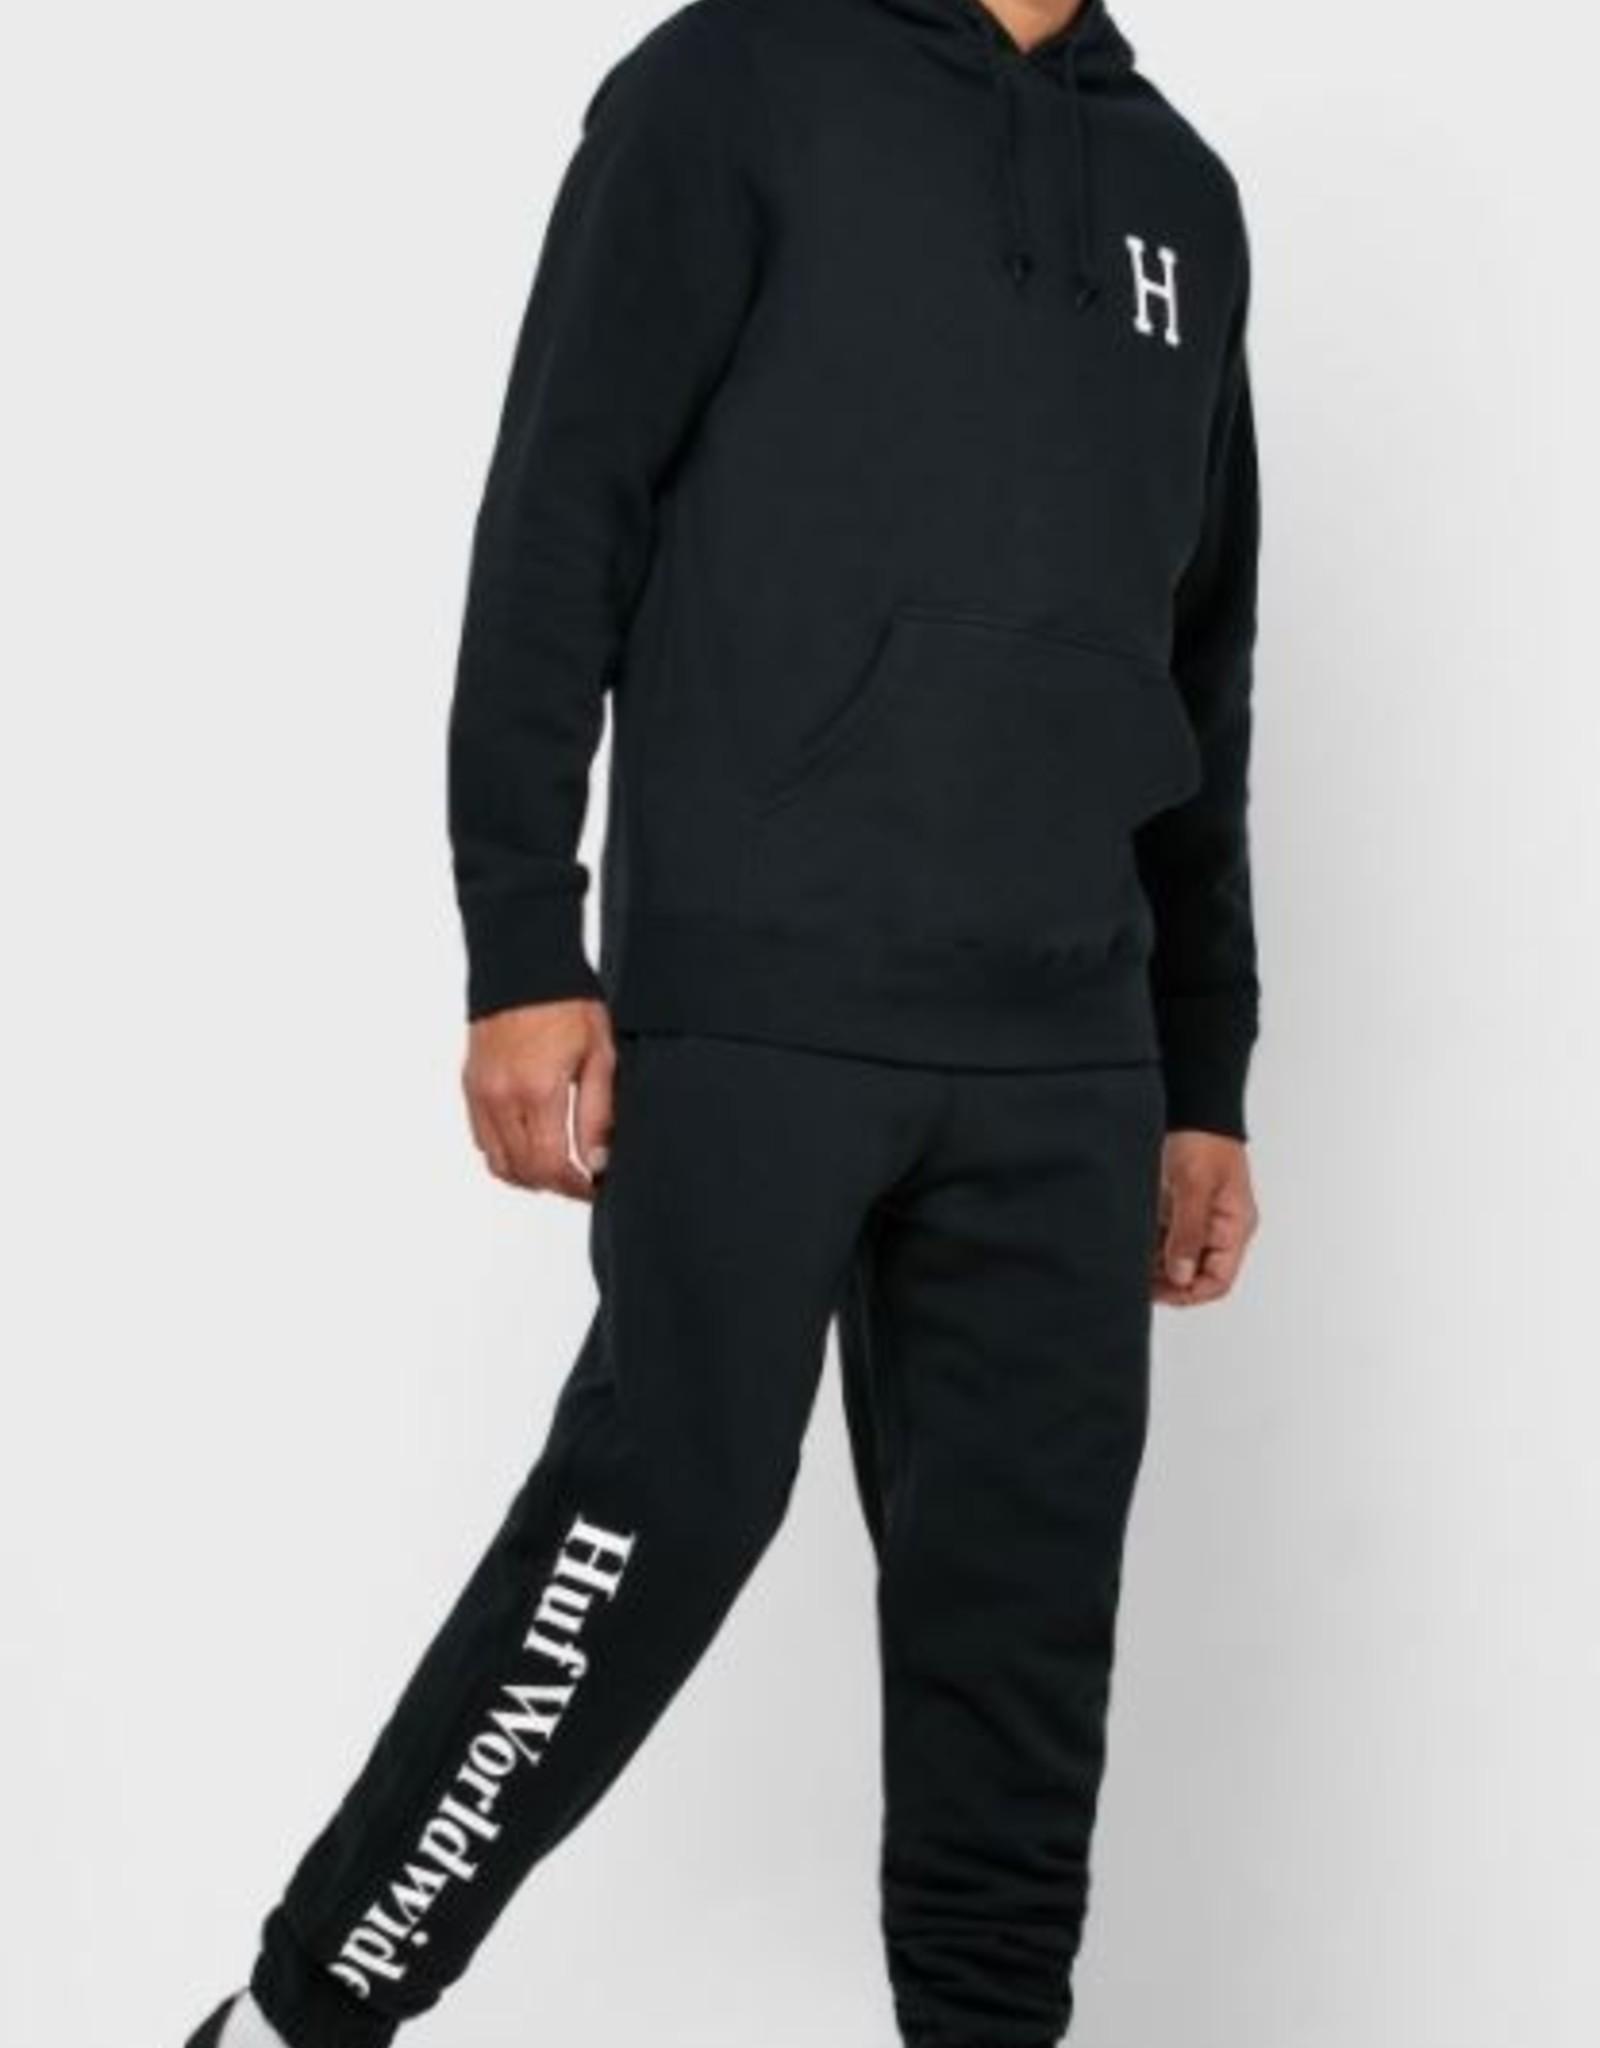 HUF ESSENTIALS FLEECE PANTS - BLACK